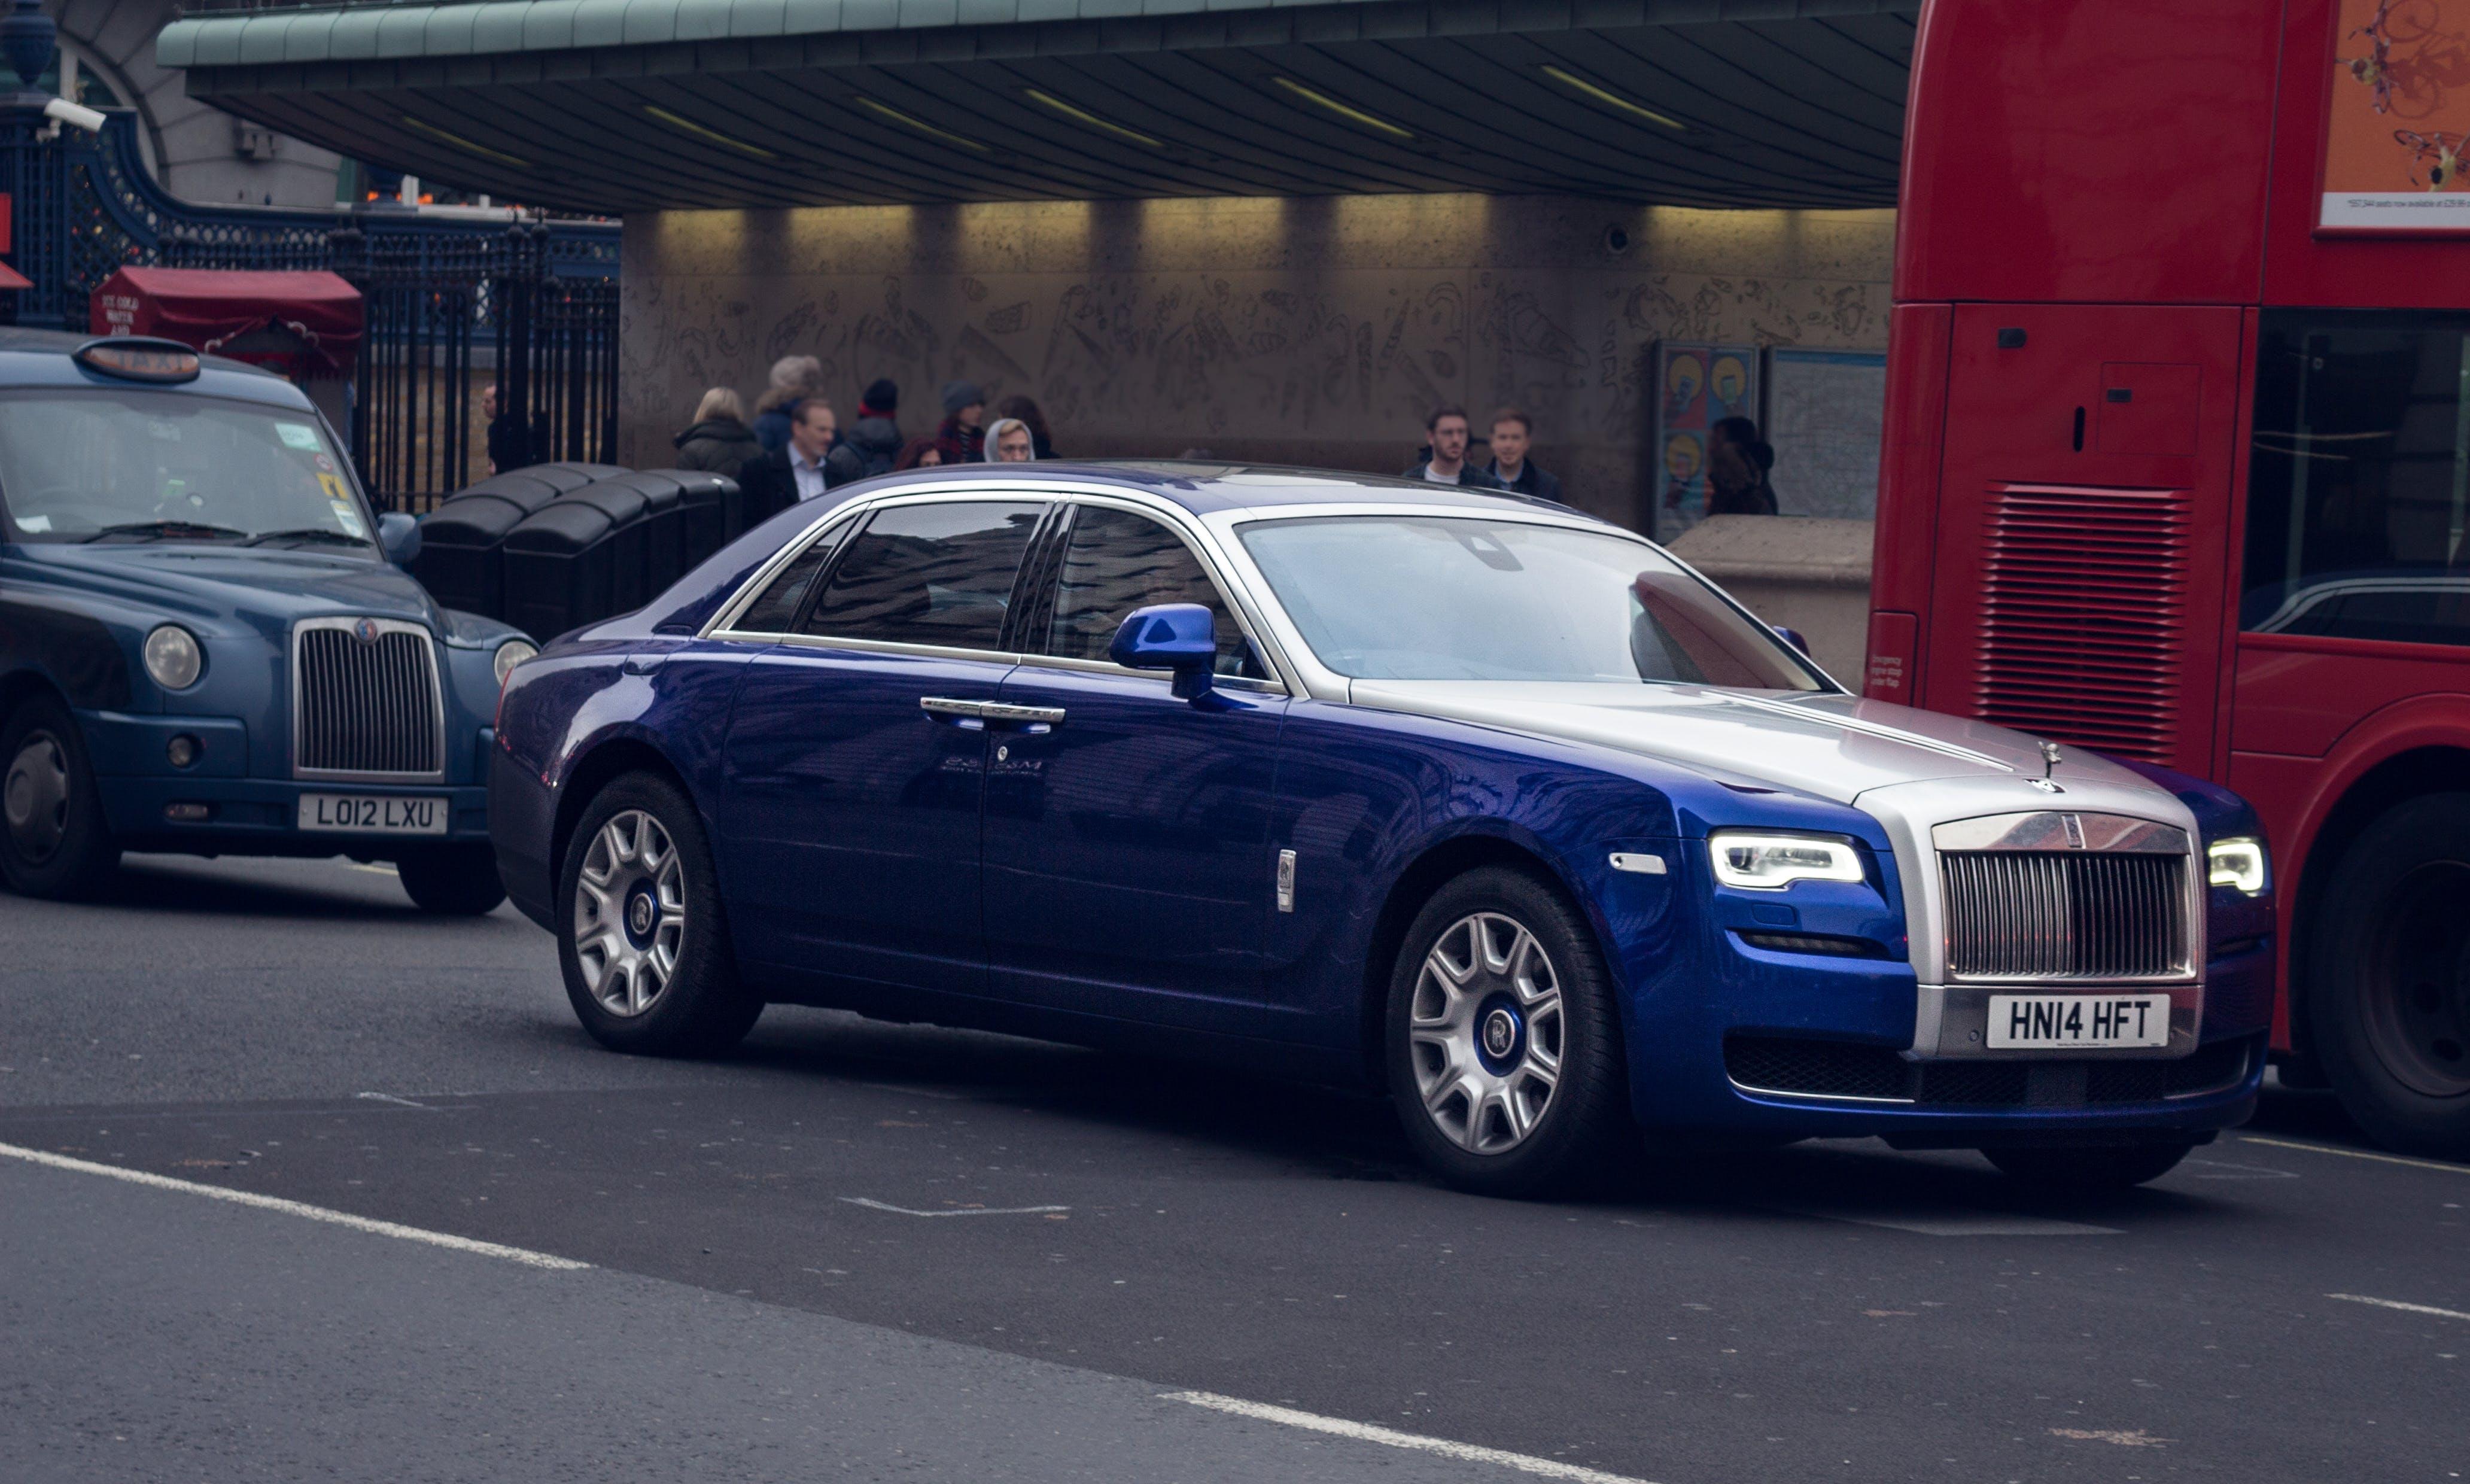 Blue and Silver Rolls Royce Sedan